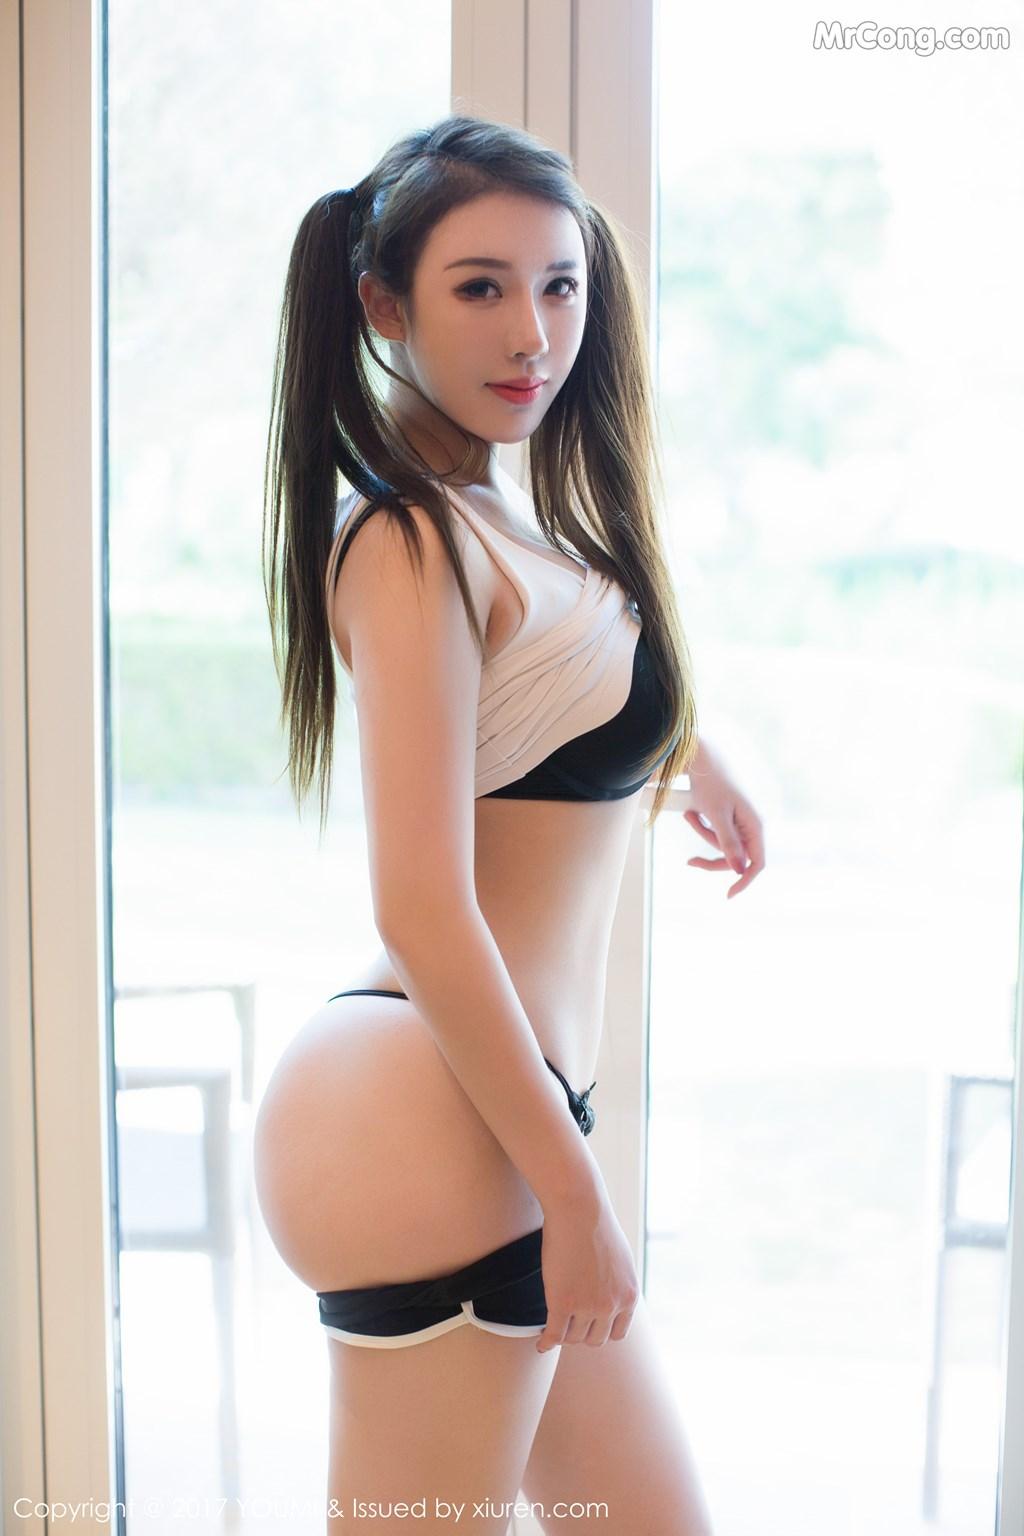 YouMi Vol.084: Người mẫu Egg-尤妮丝 (47 ảnh) - Page 2 of 5